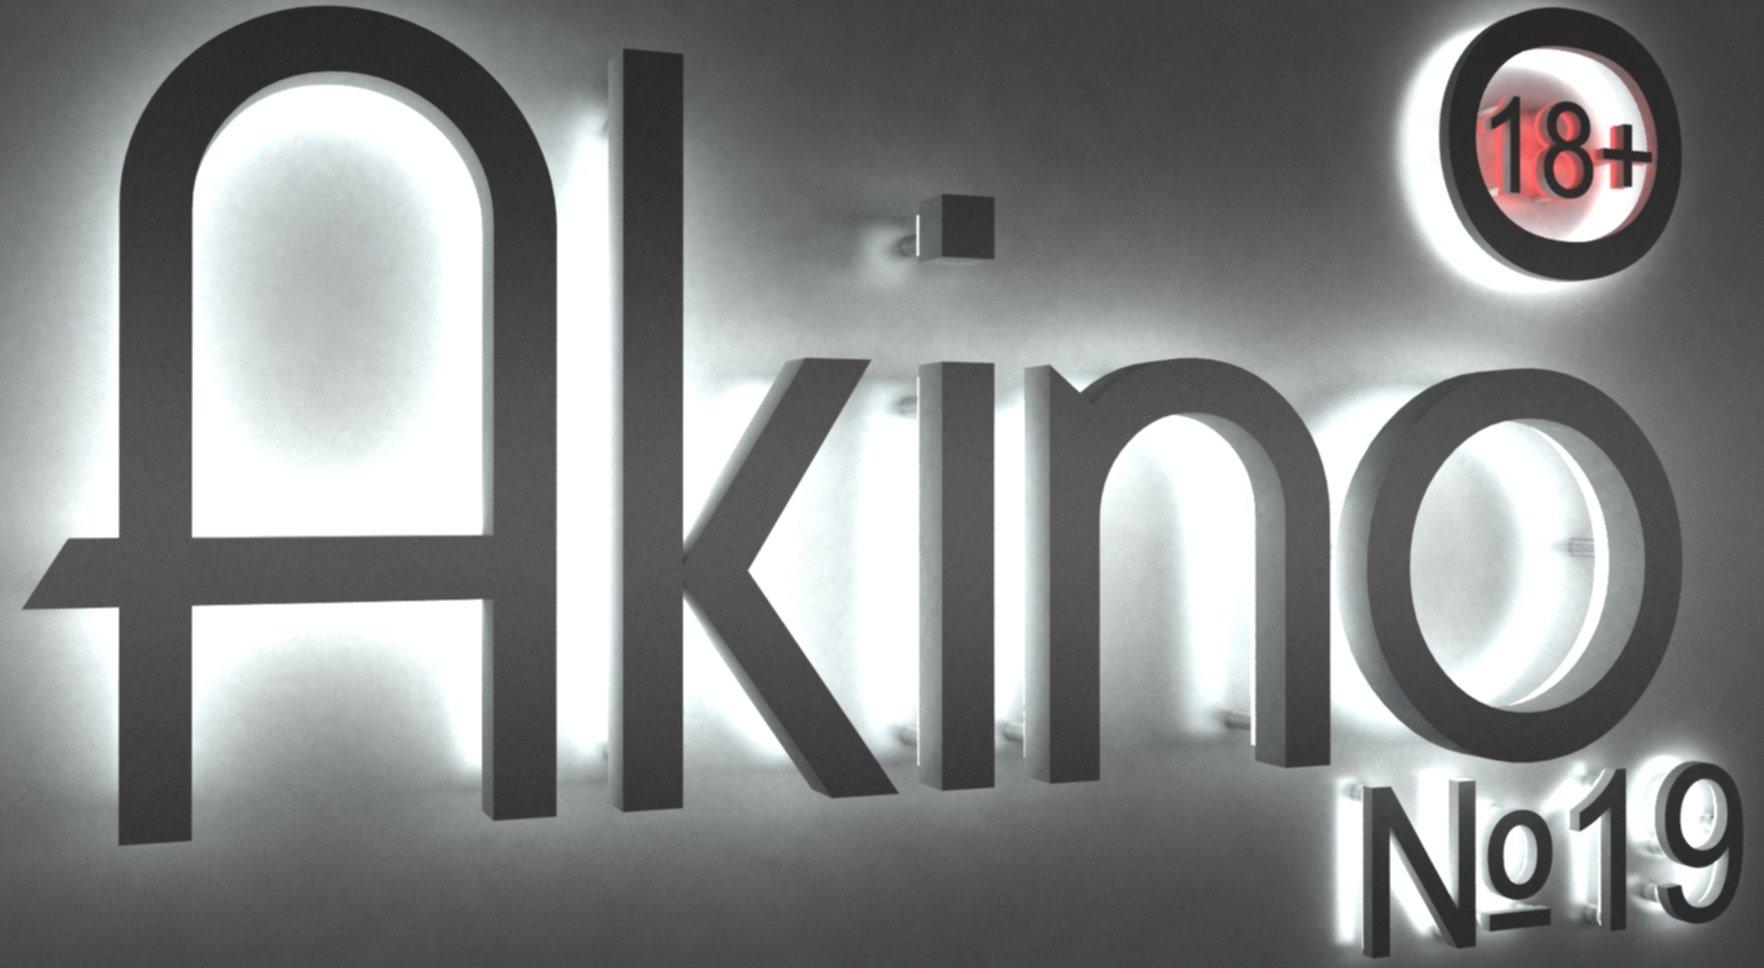 Подкаст AkiNO Выпуск № 19 (18+) - Изображение 1